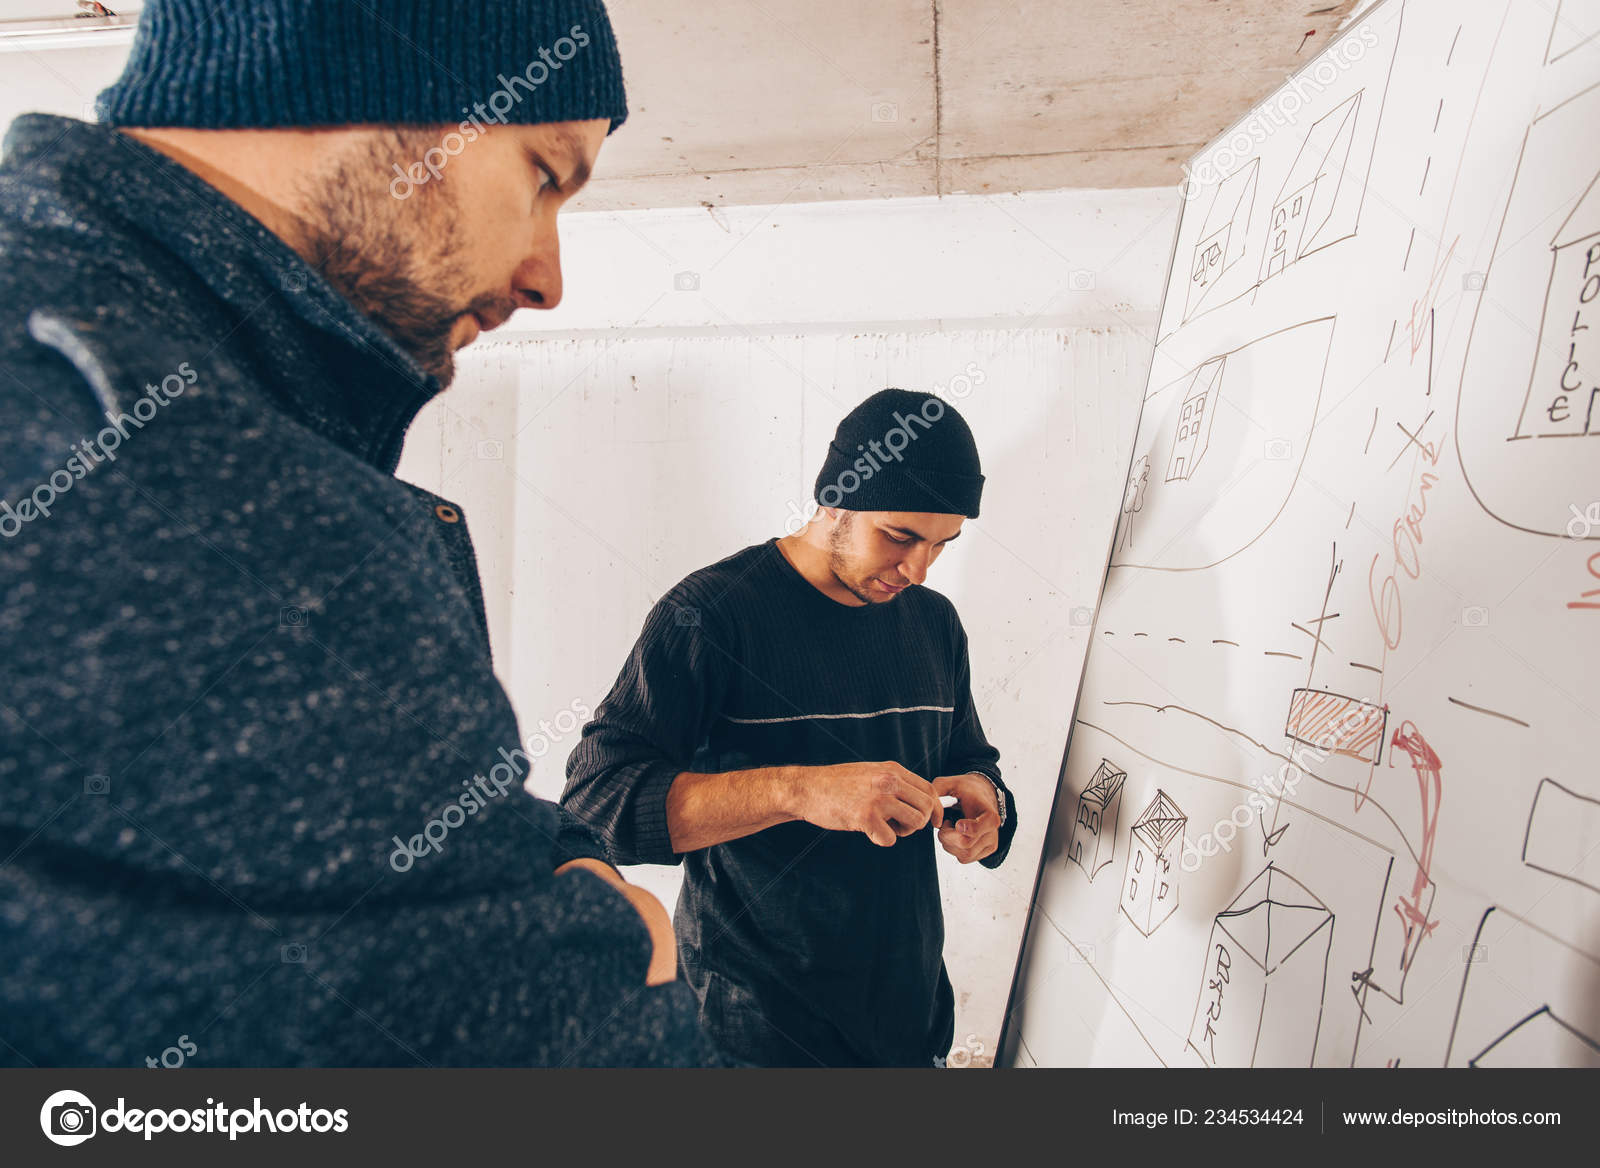 Stealers Making Plan Money Heist — Stock Photo © gorgev